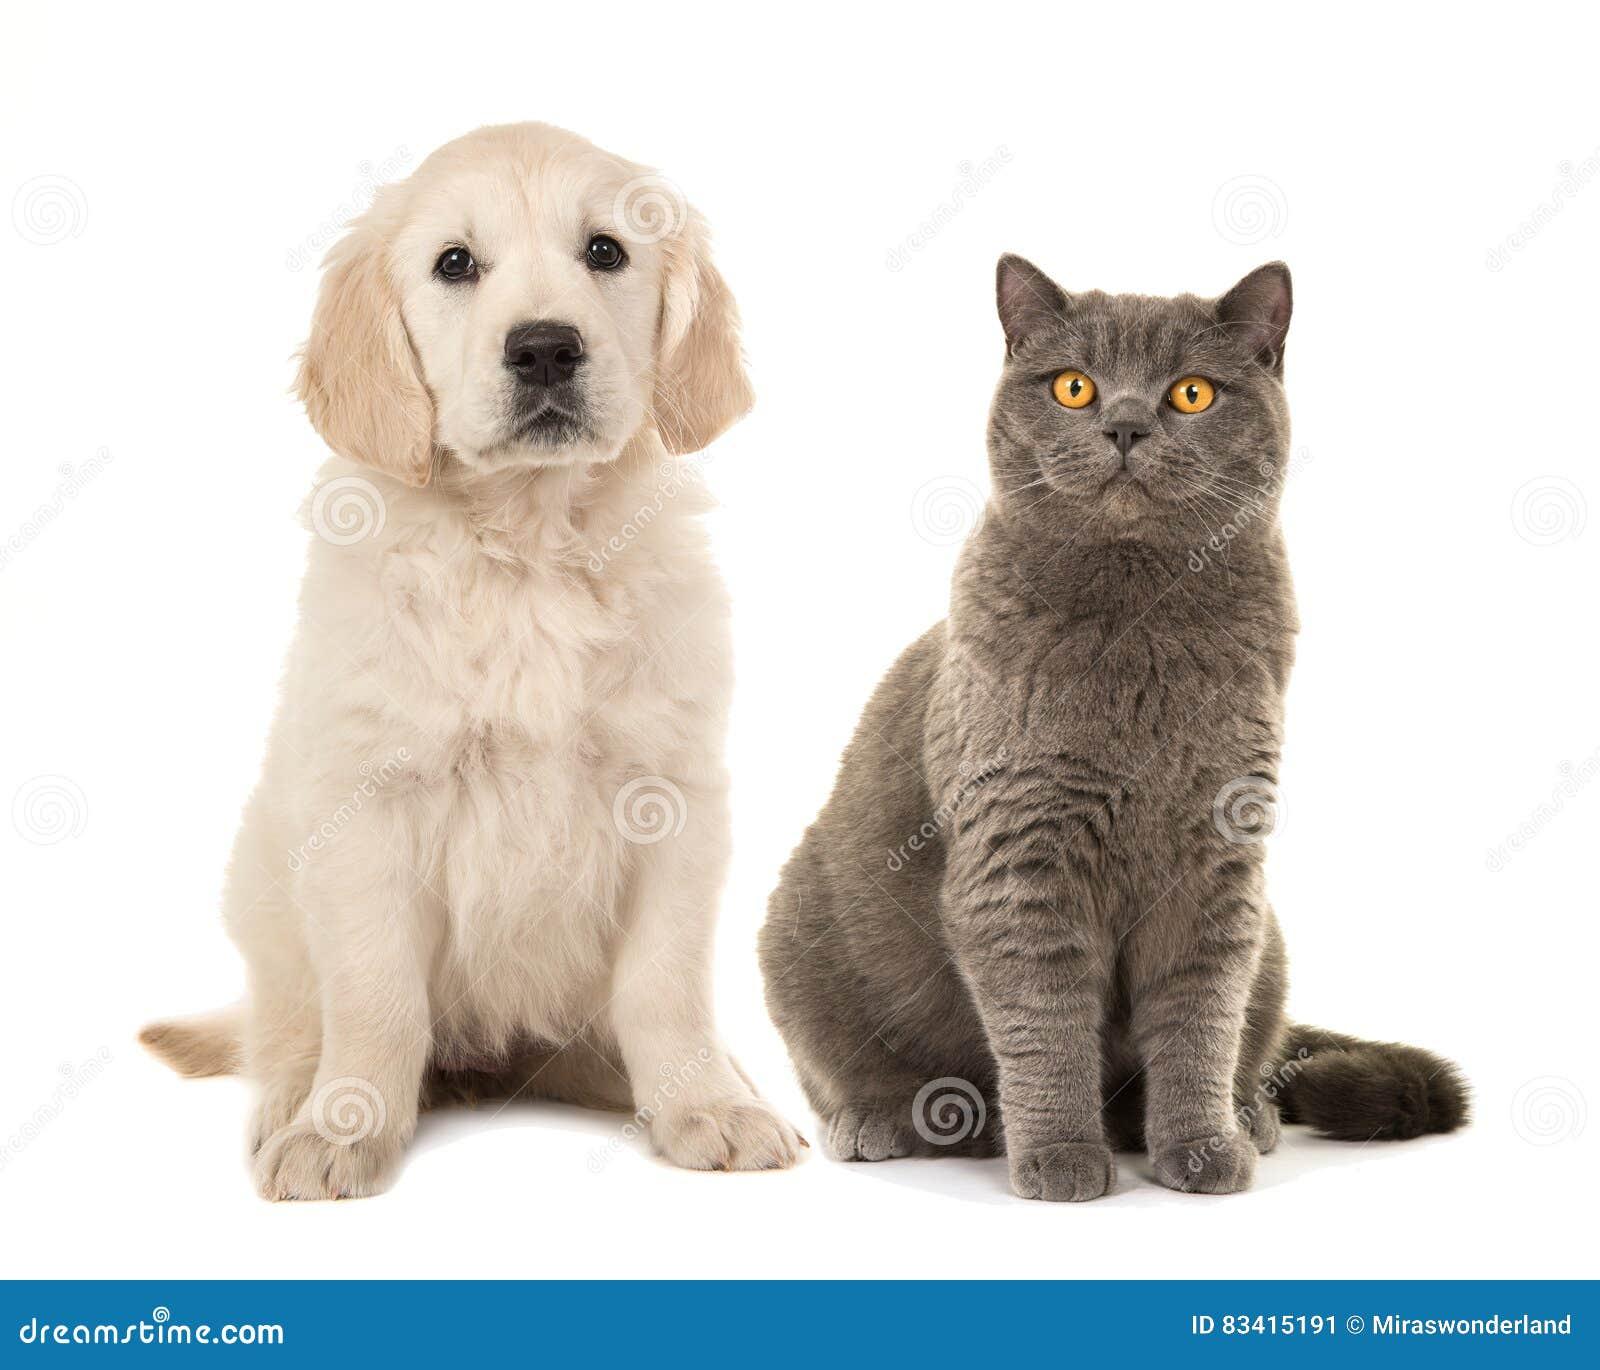 Cucciolo di cane biondo di golden retriever e gatto britannico grigio dei  peli di scarsità